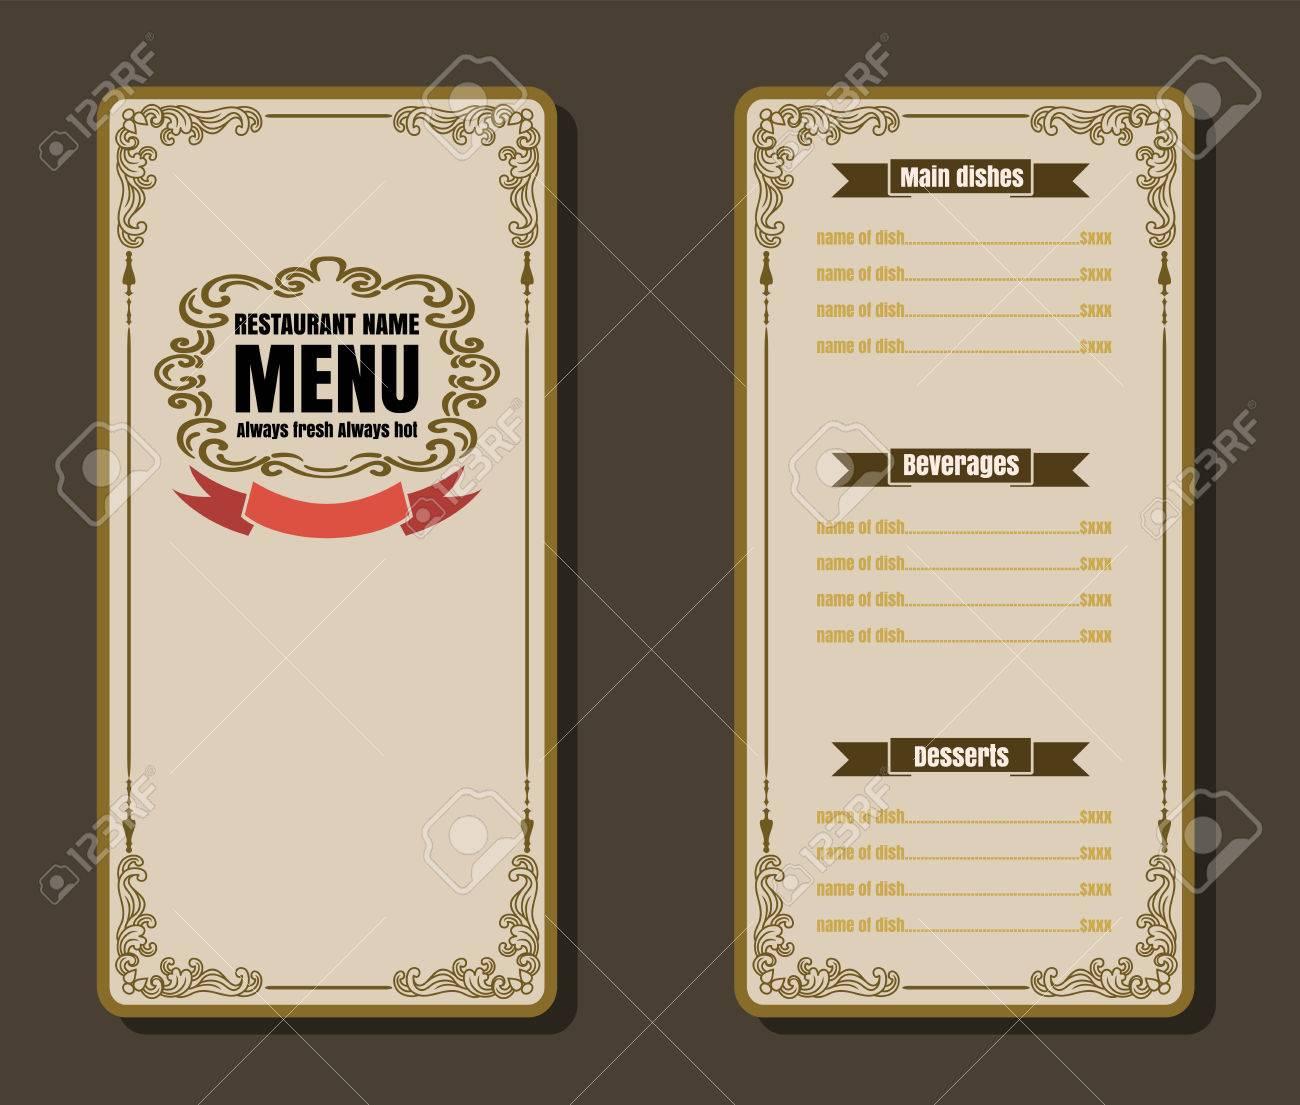 restaurant food menu vintage design with background vector format